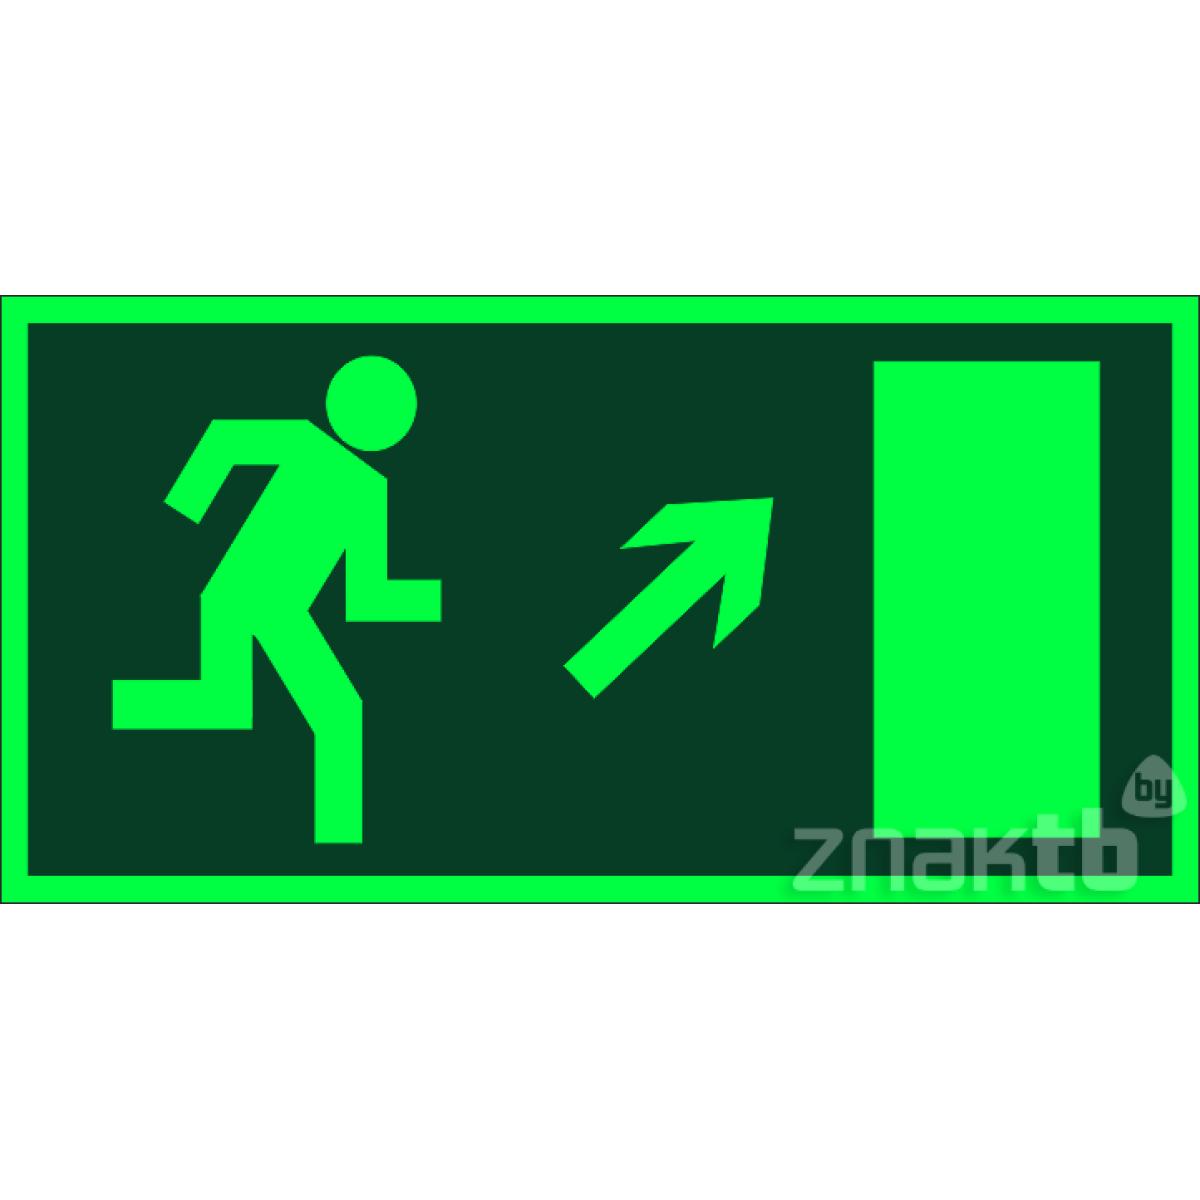 Знак Направление к эвакуационному выходу (по лестнице направо вверх) фотолюм. код Е05